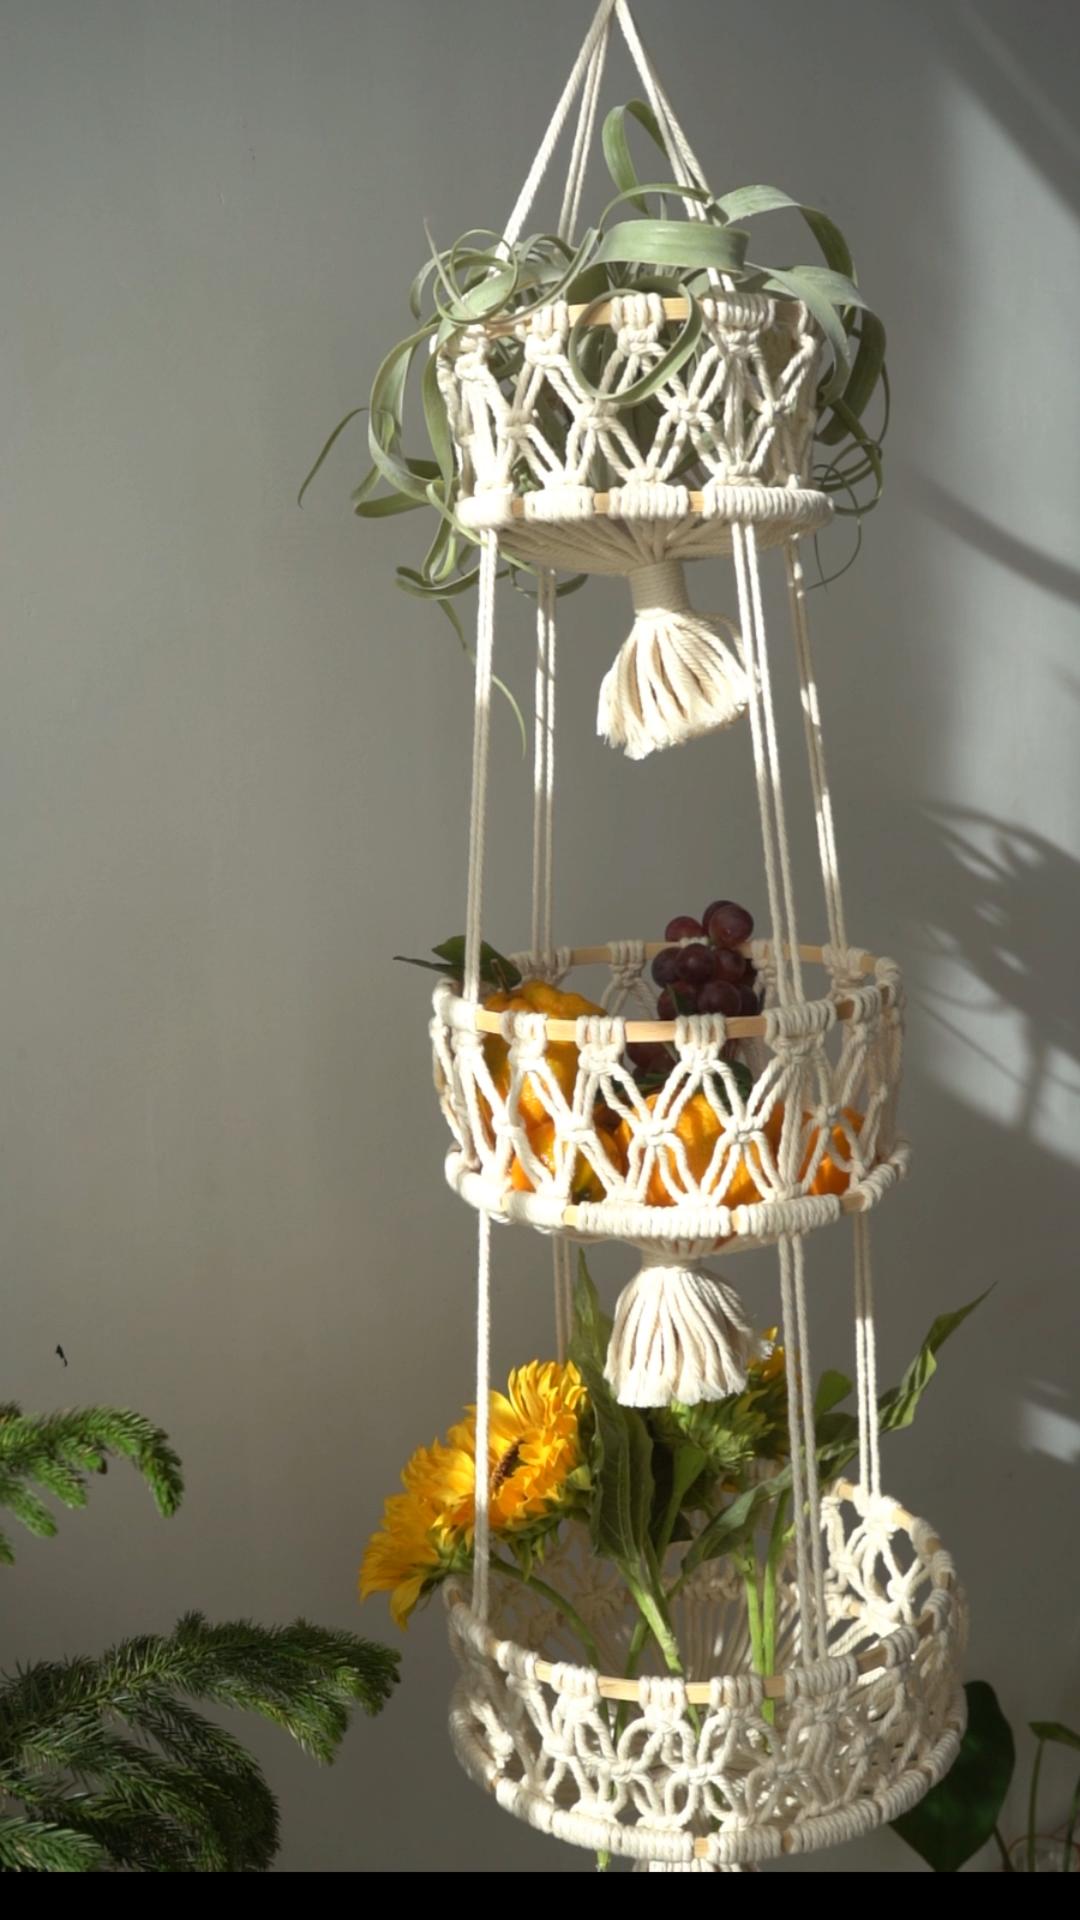 Macrame hanging fruit basket storage bag Rope plan